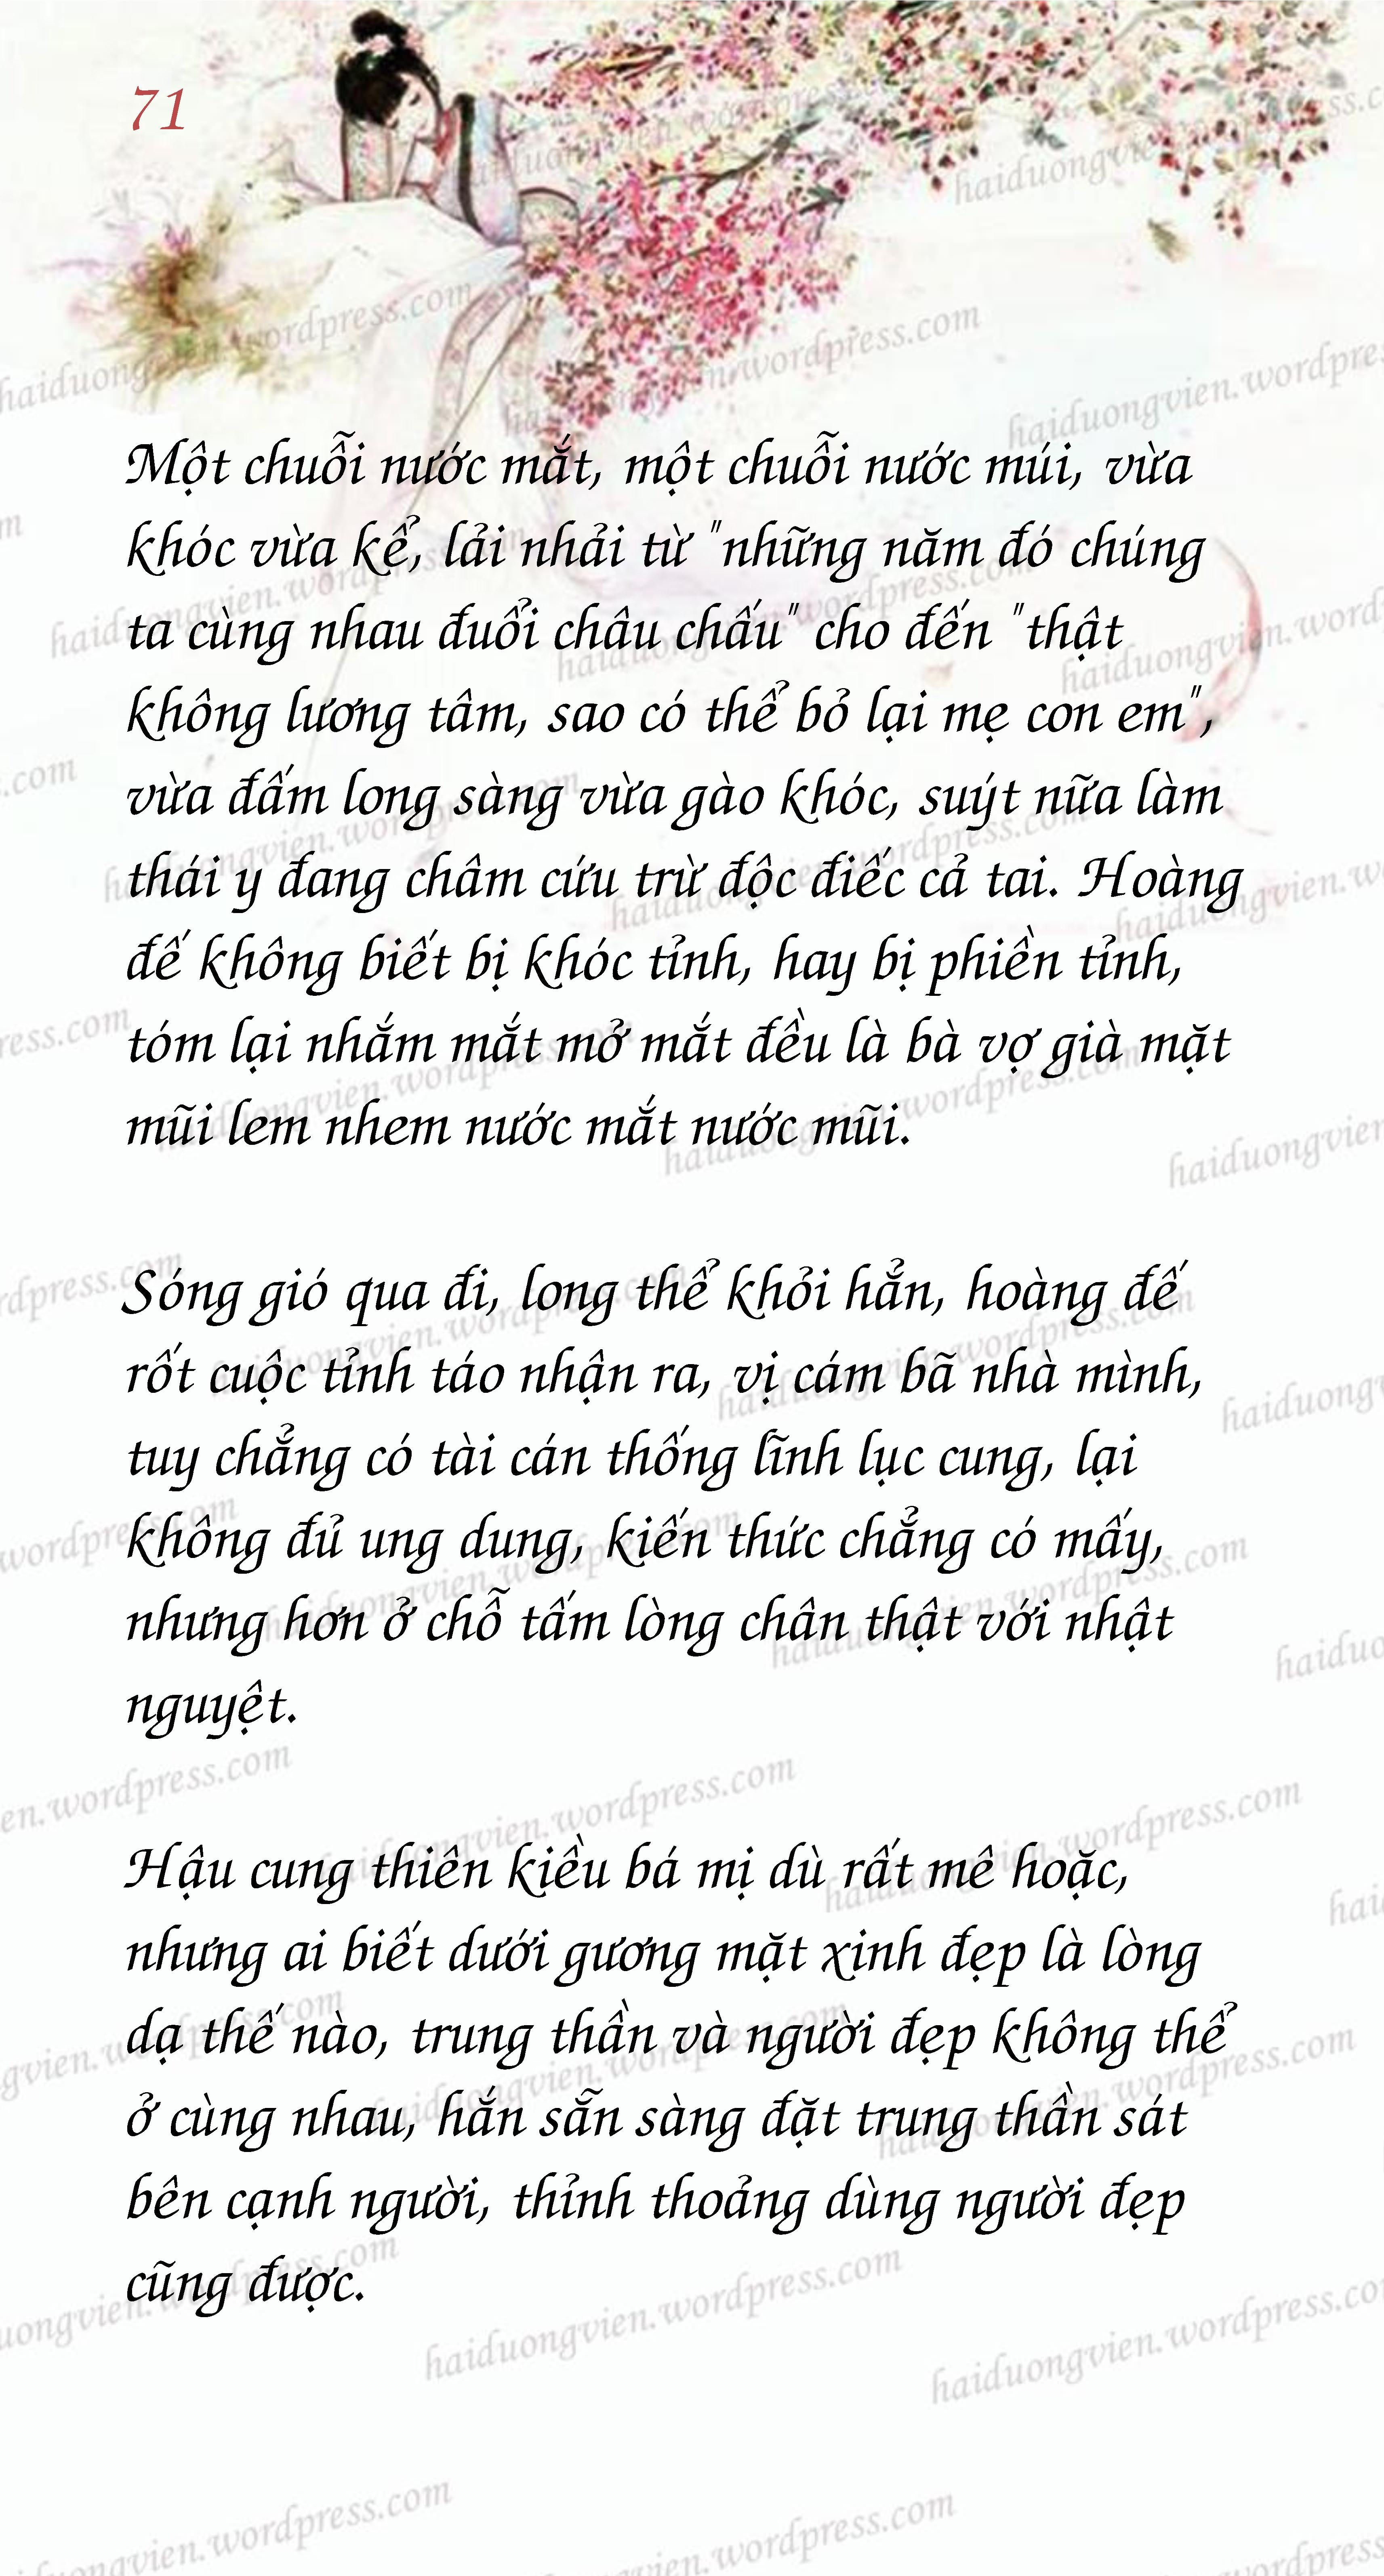 Mau_Page71